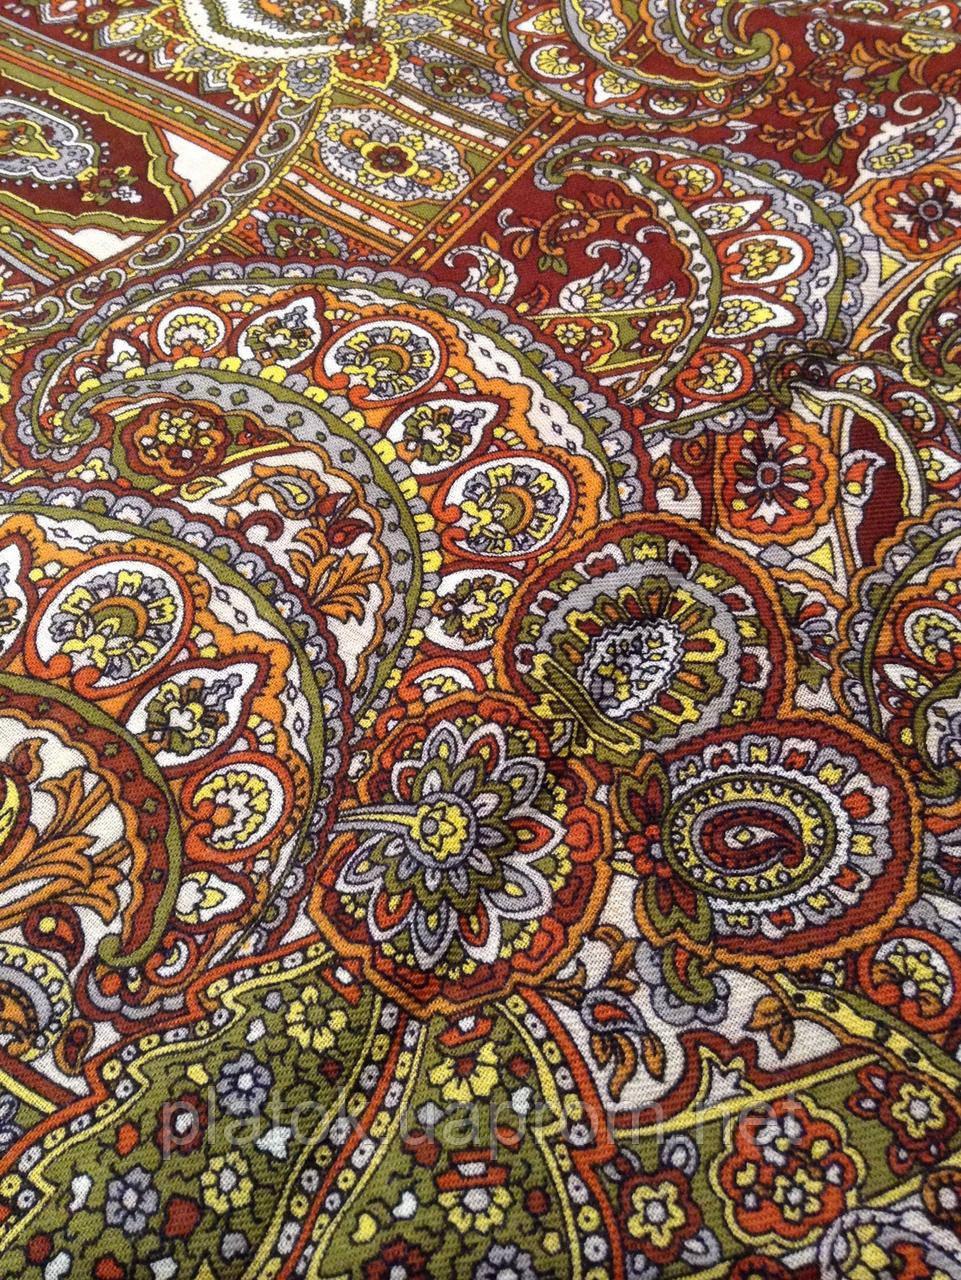 bc4090171583 Садко 598-56, павлопосадский платок шерстяной с шелковой бахромой